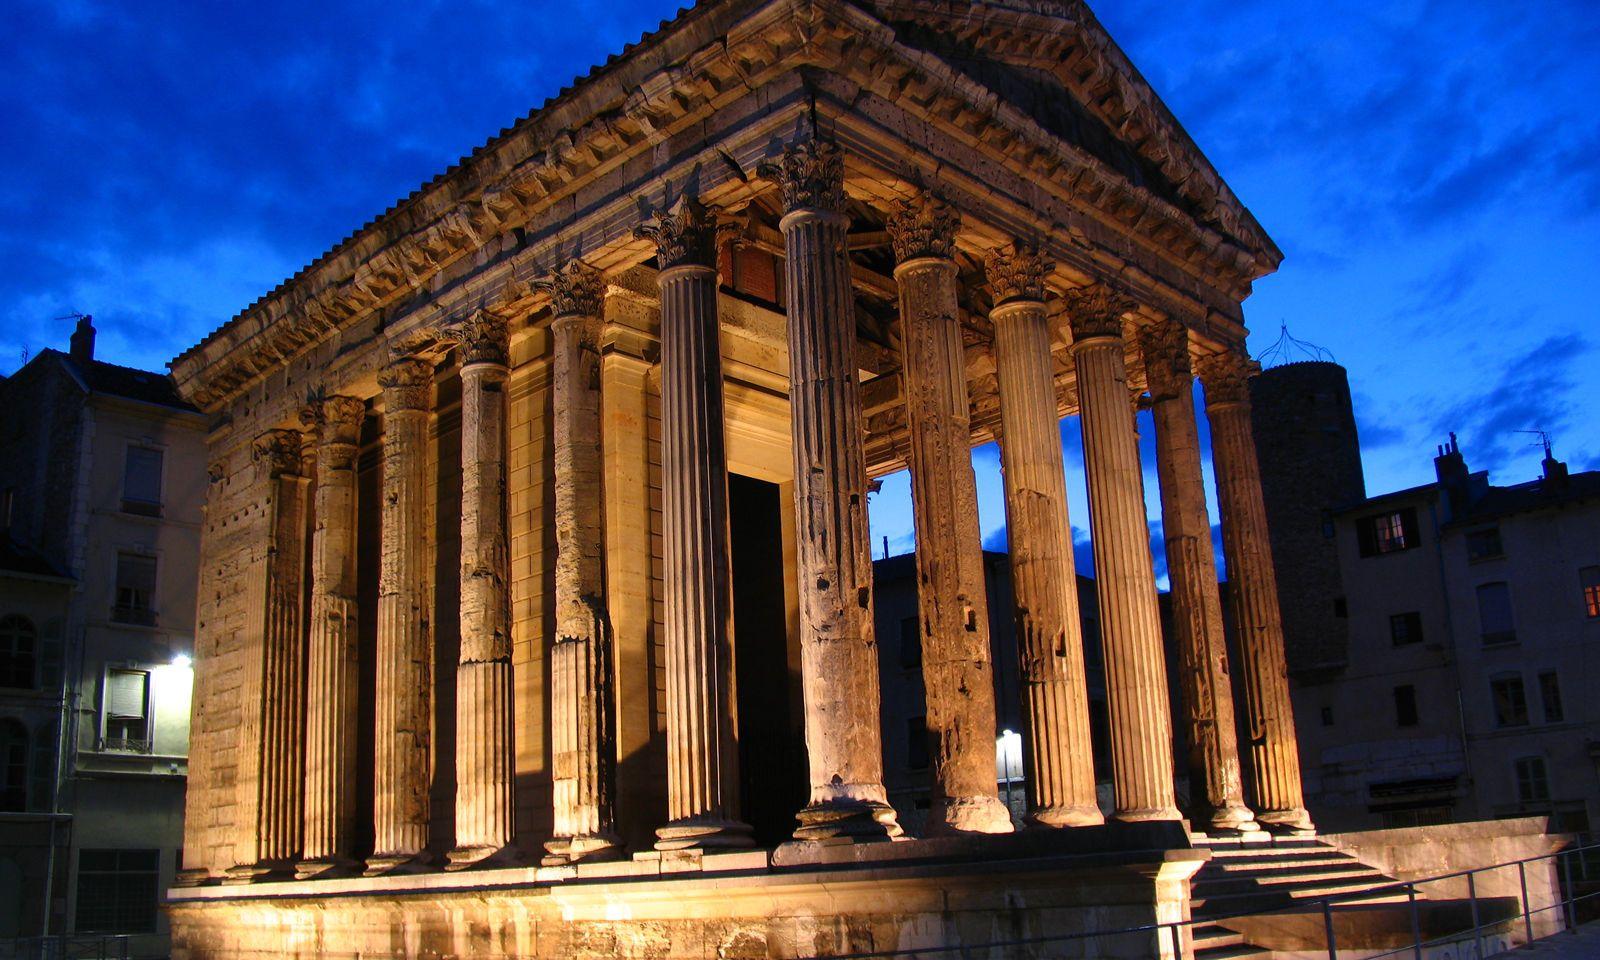 Der römische Tempel in Vienne.